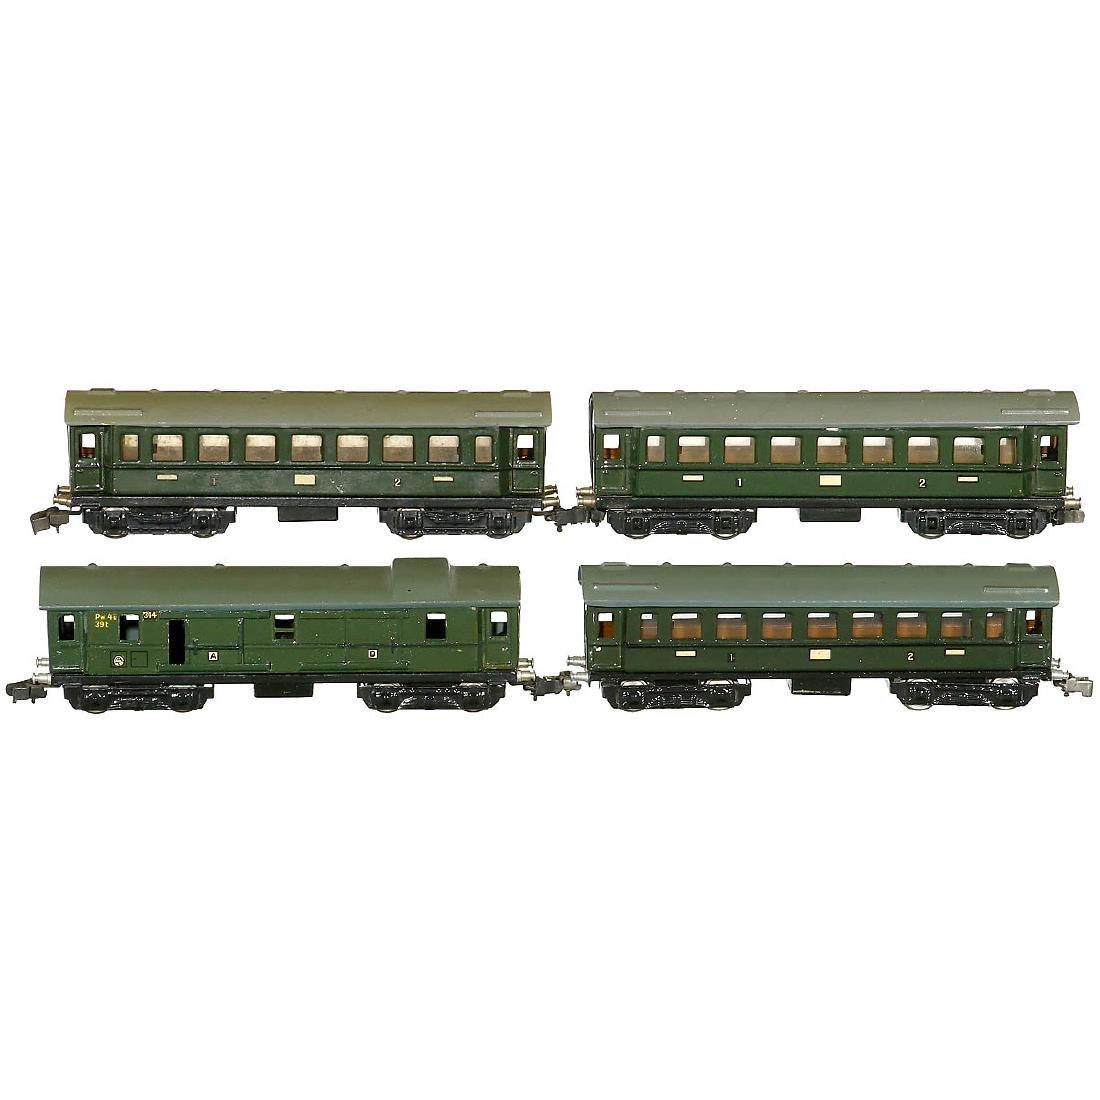 4 Märklin Fast Train Cars, c. 1939